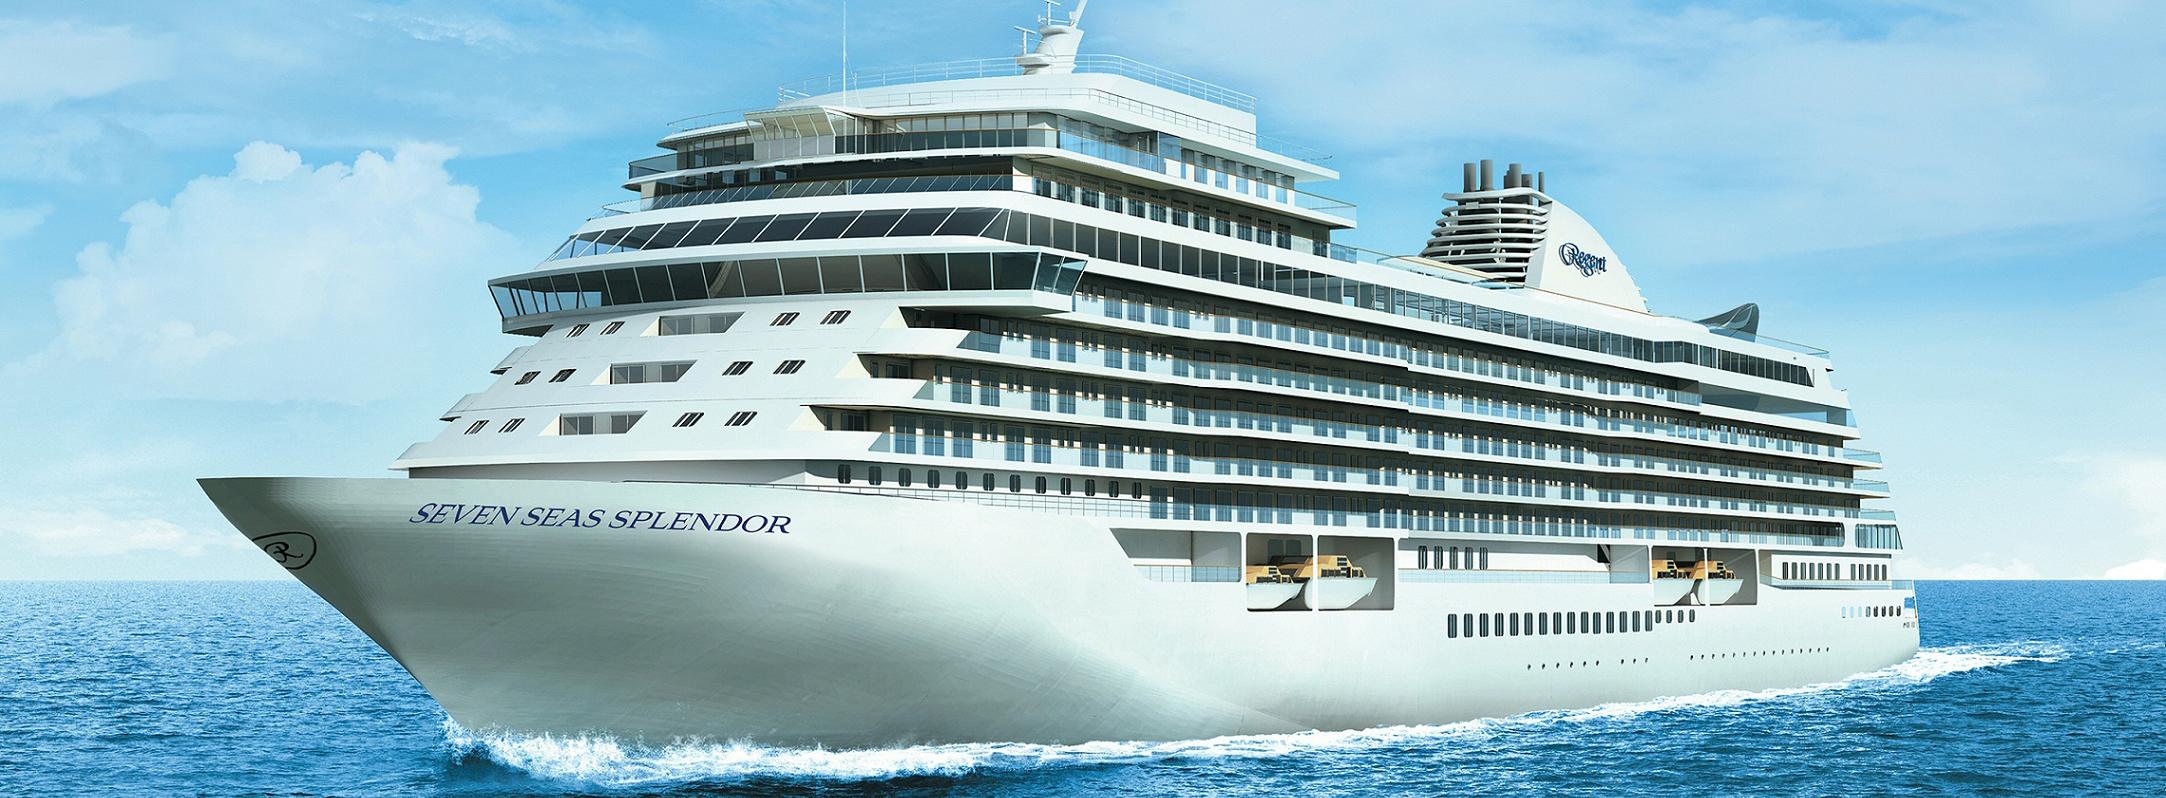 Αποτέλεσμα εικόνας για 2020 Summer Itineraries for Seven Seas Splendor offers Journeys of Perfection Across Europe